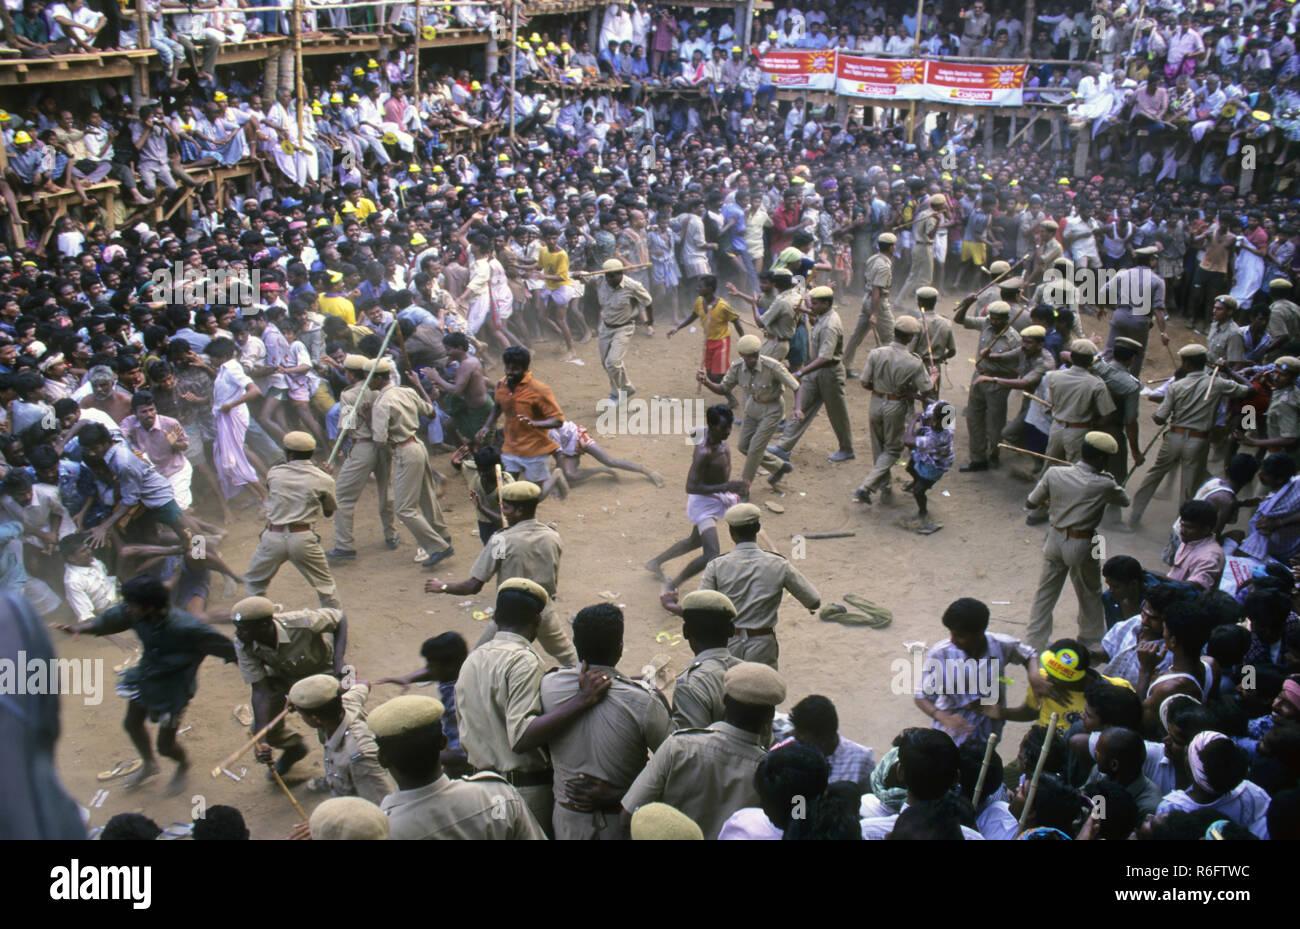 Riots Lathi charge, Agitation - Stock Image